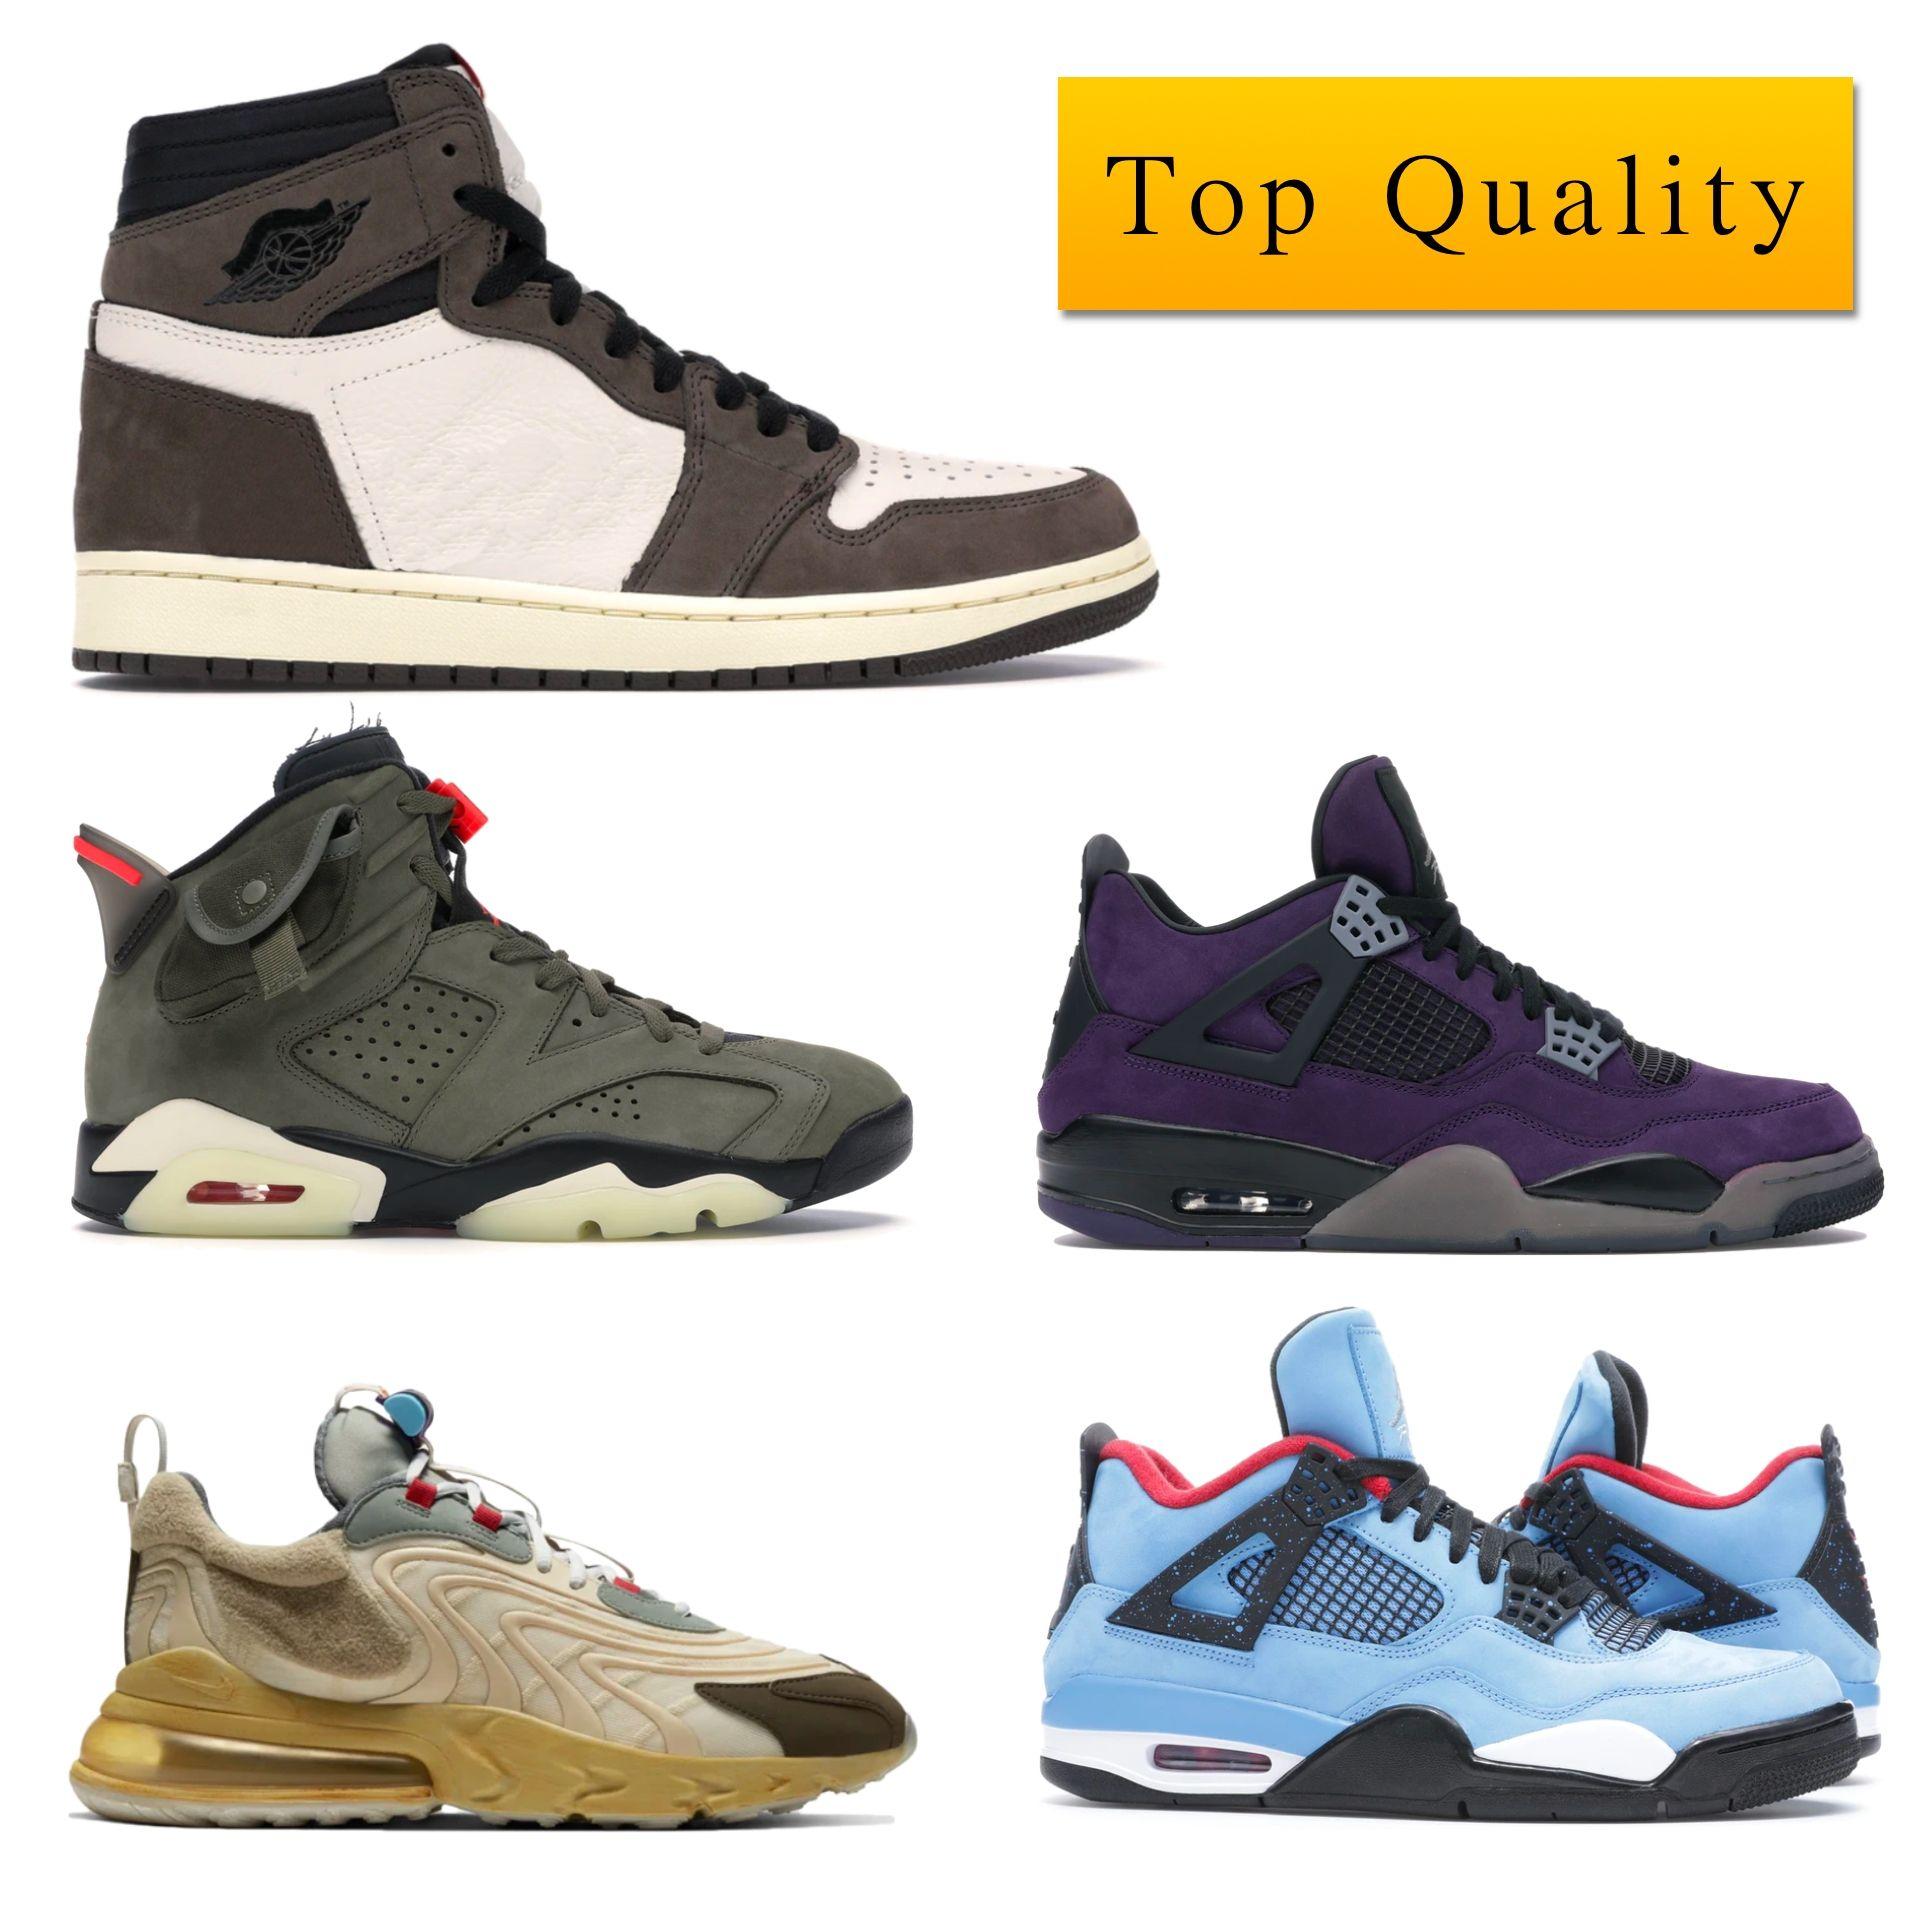 مع صندوق J4 رجل حذاء رياضة أعلى qualtiy ترافيس سكوتس الأرجواني صبار جاك الأهل والأصدقاء 308٬497-406